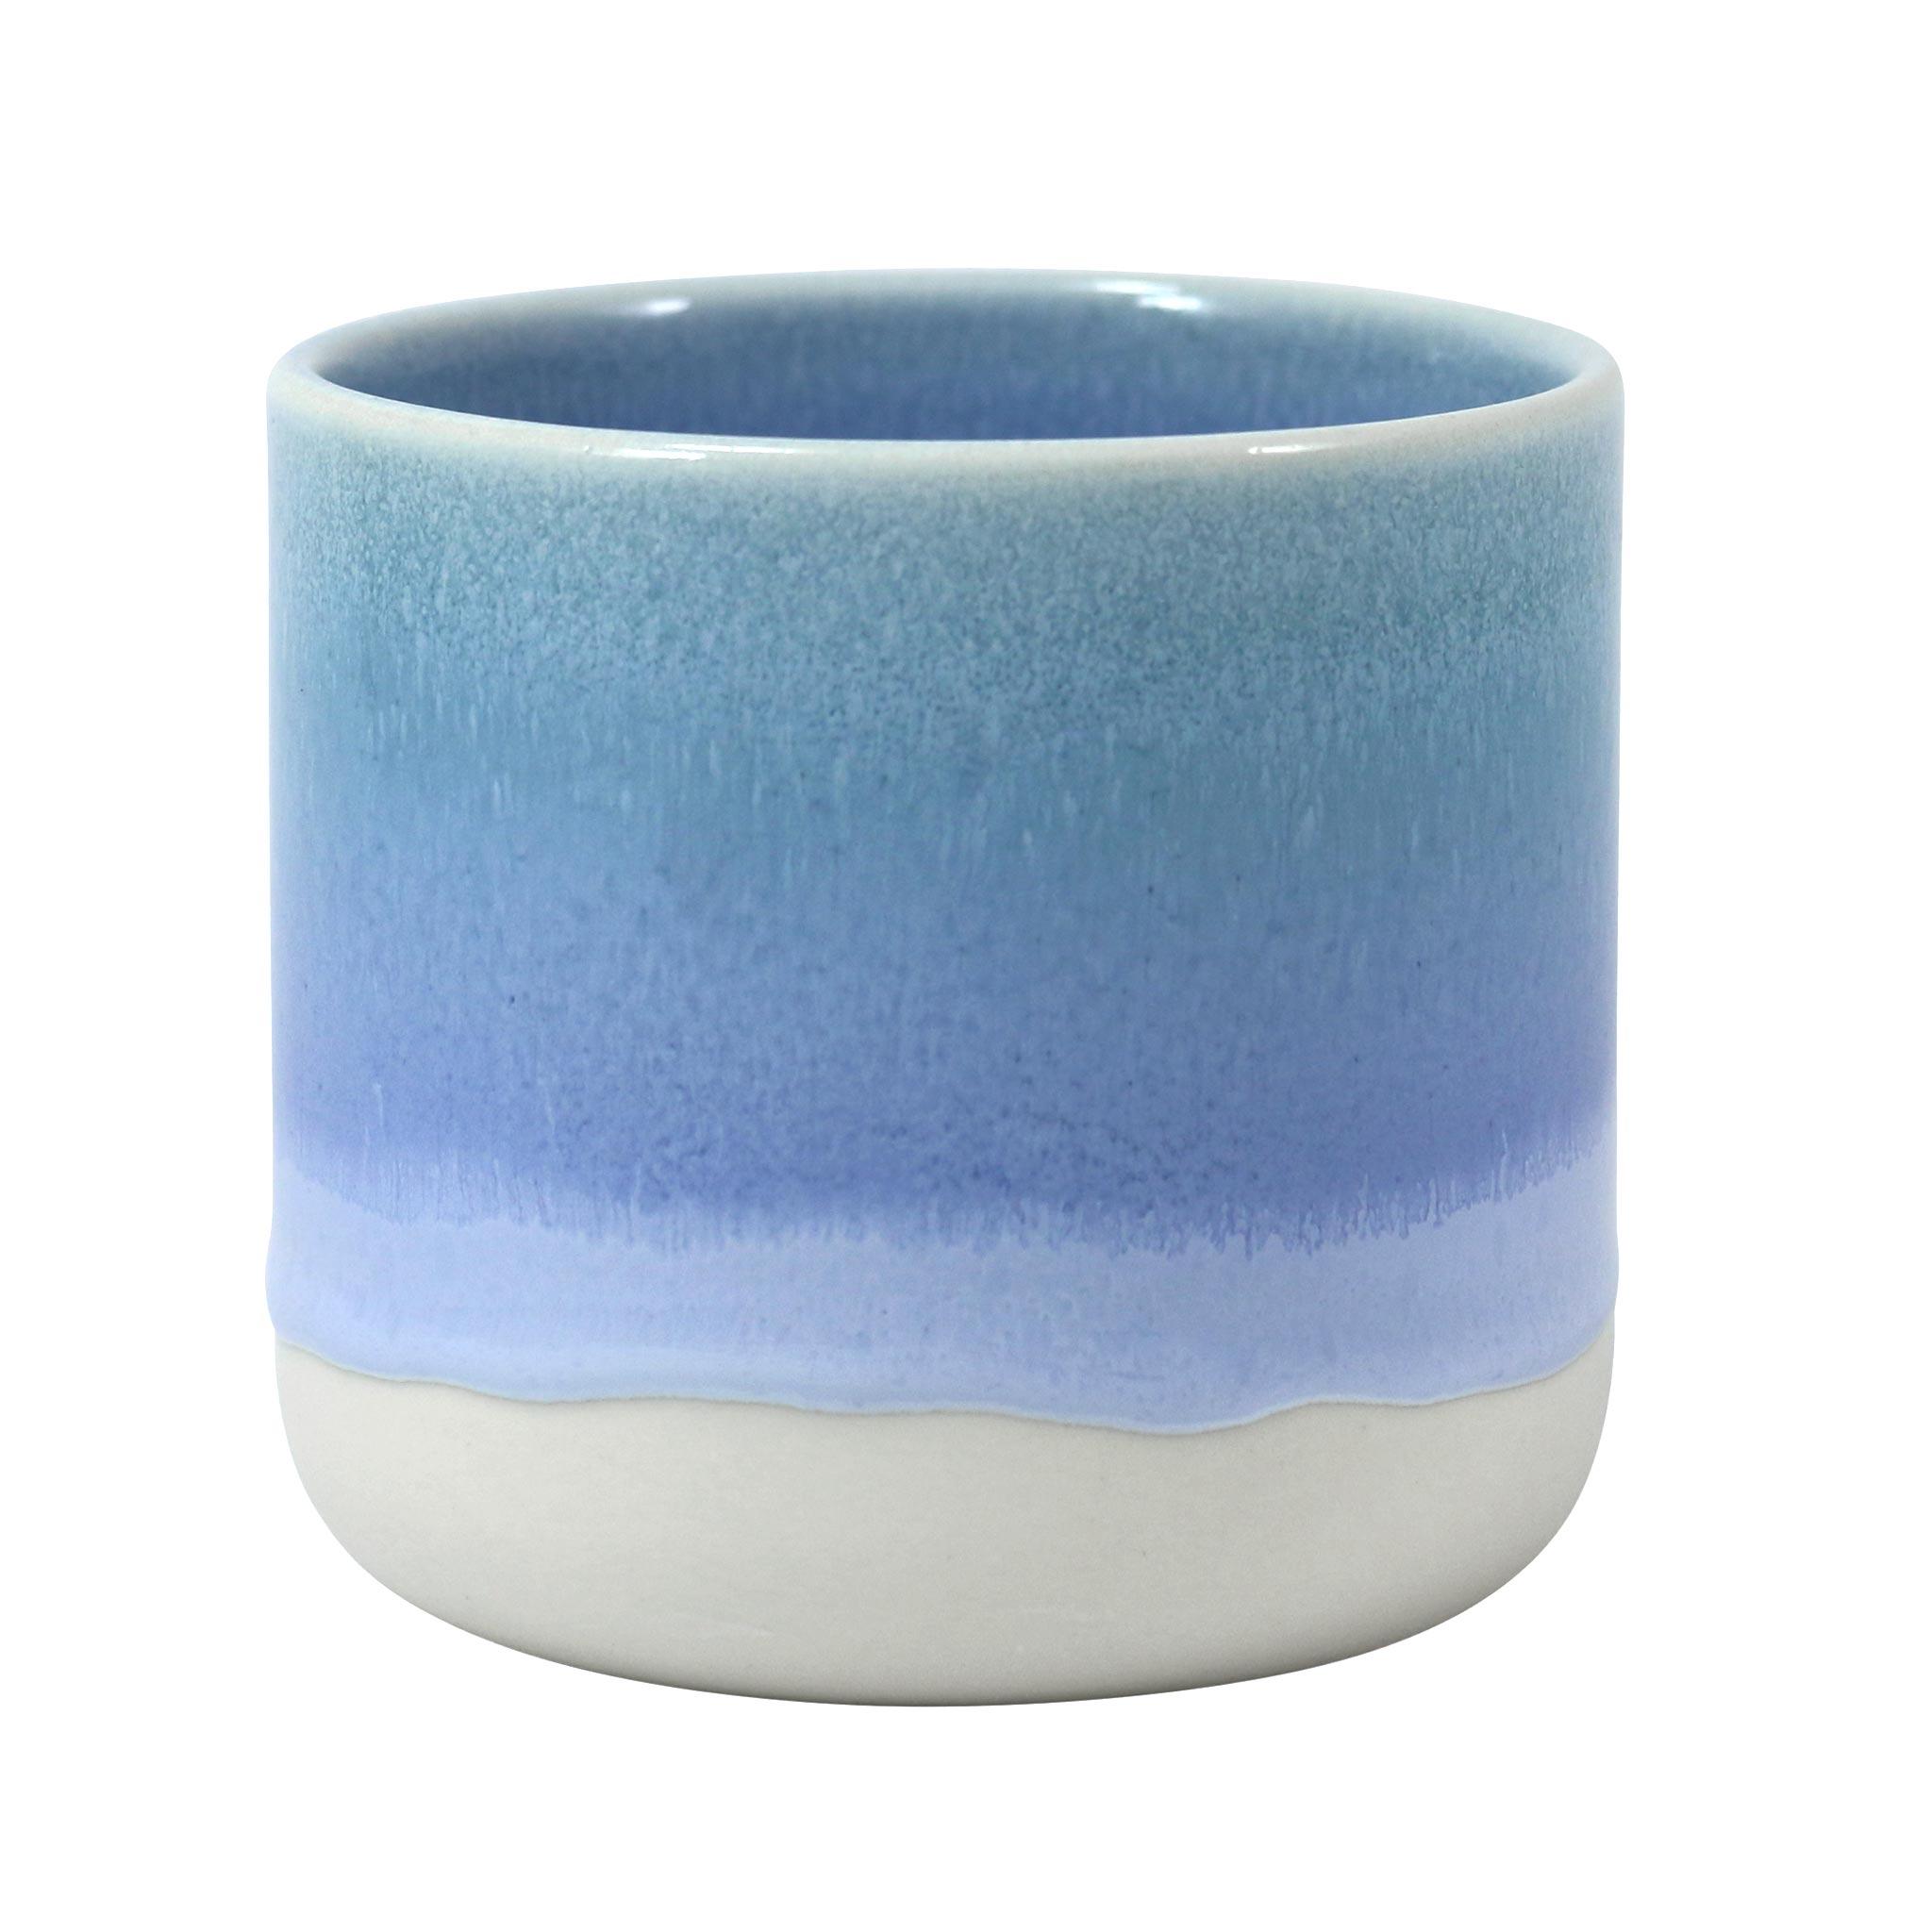 STUDIO ARHØJ - Quench mug, Cierva Cove